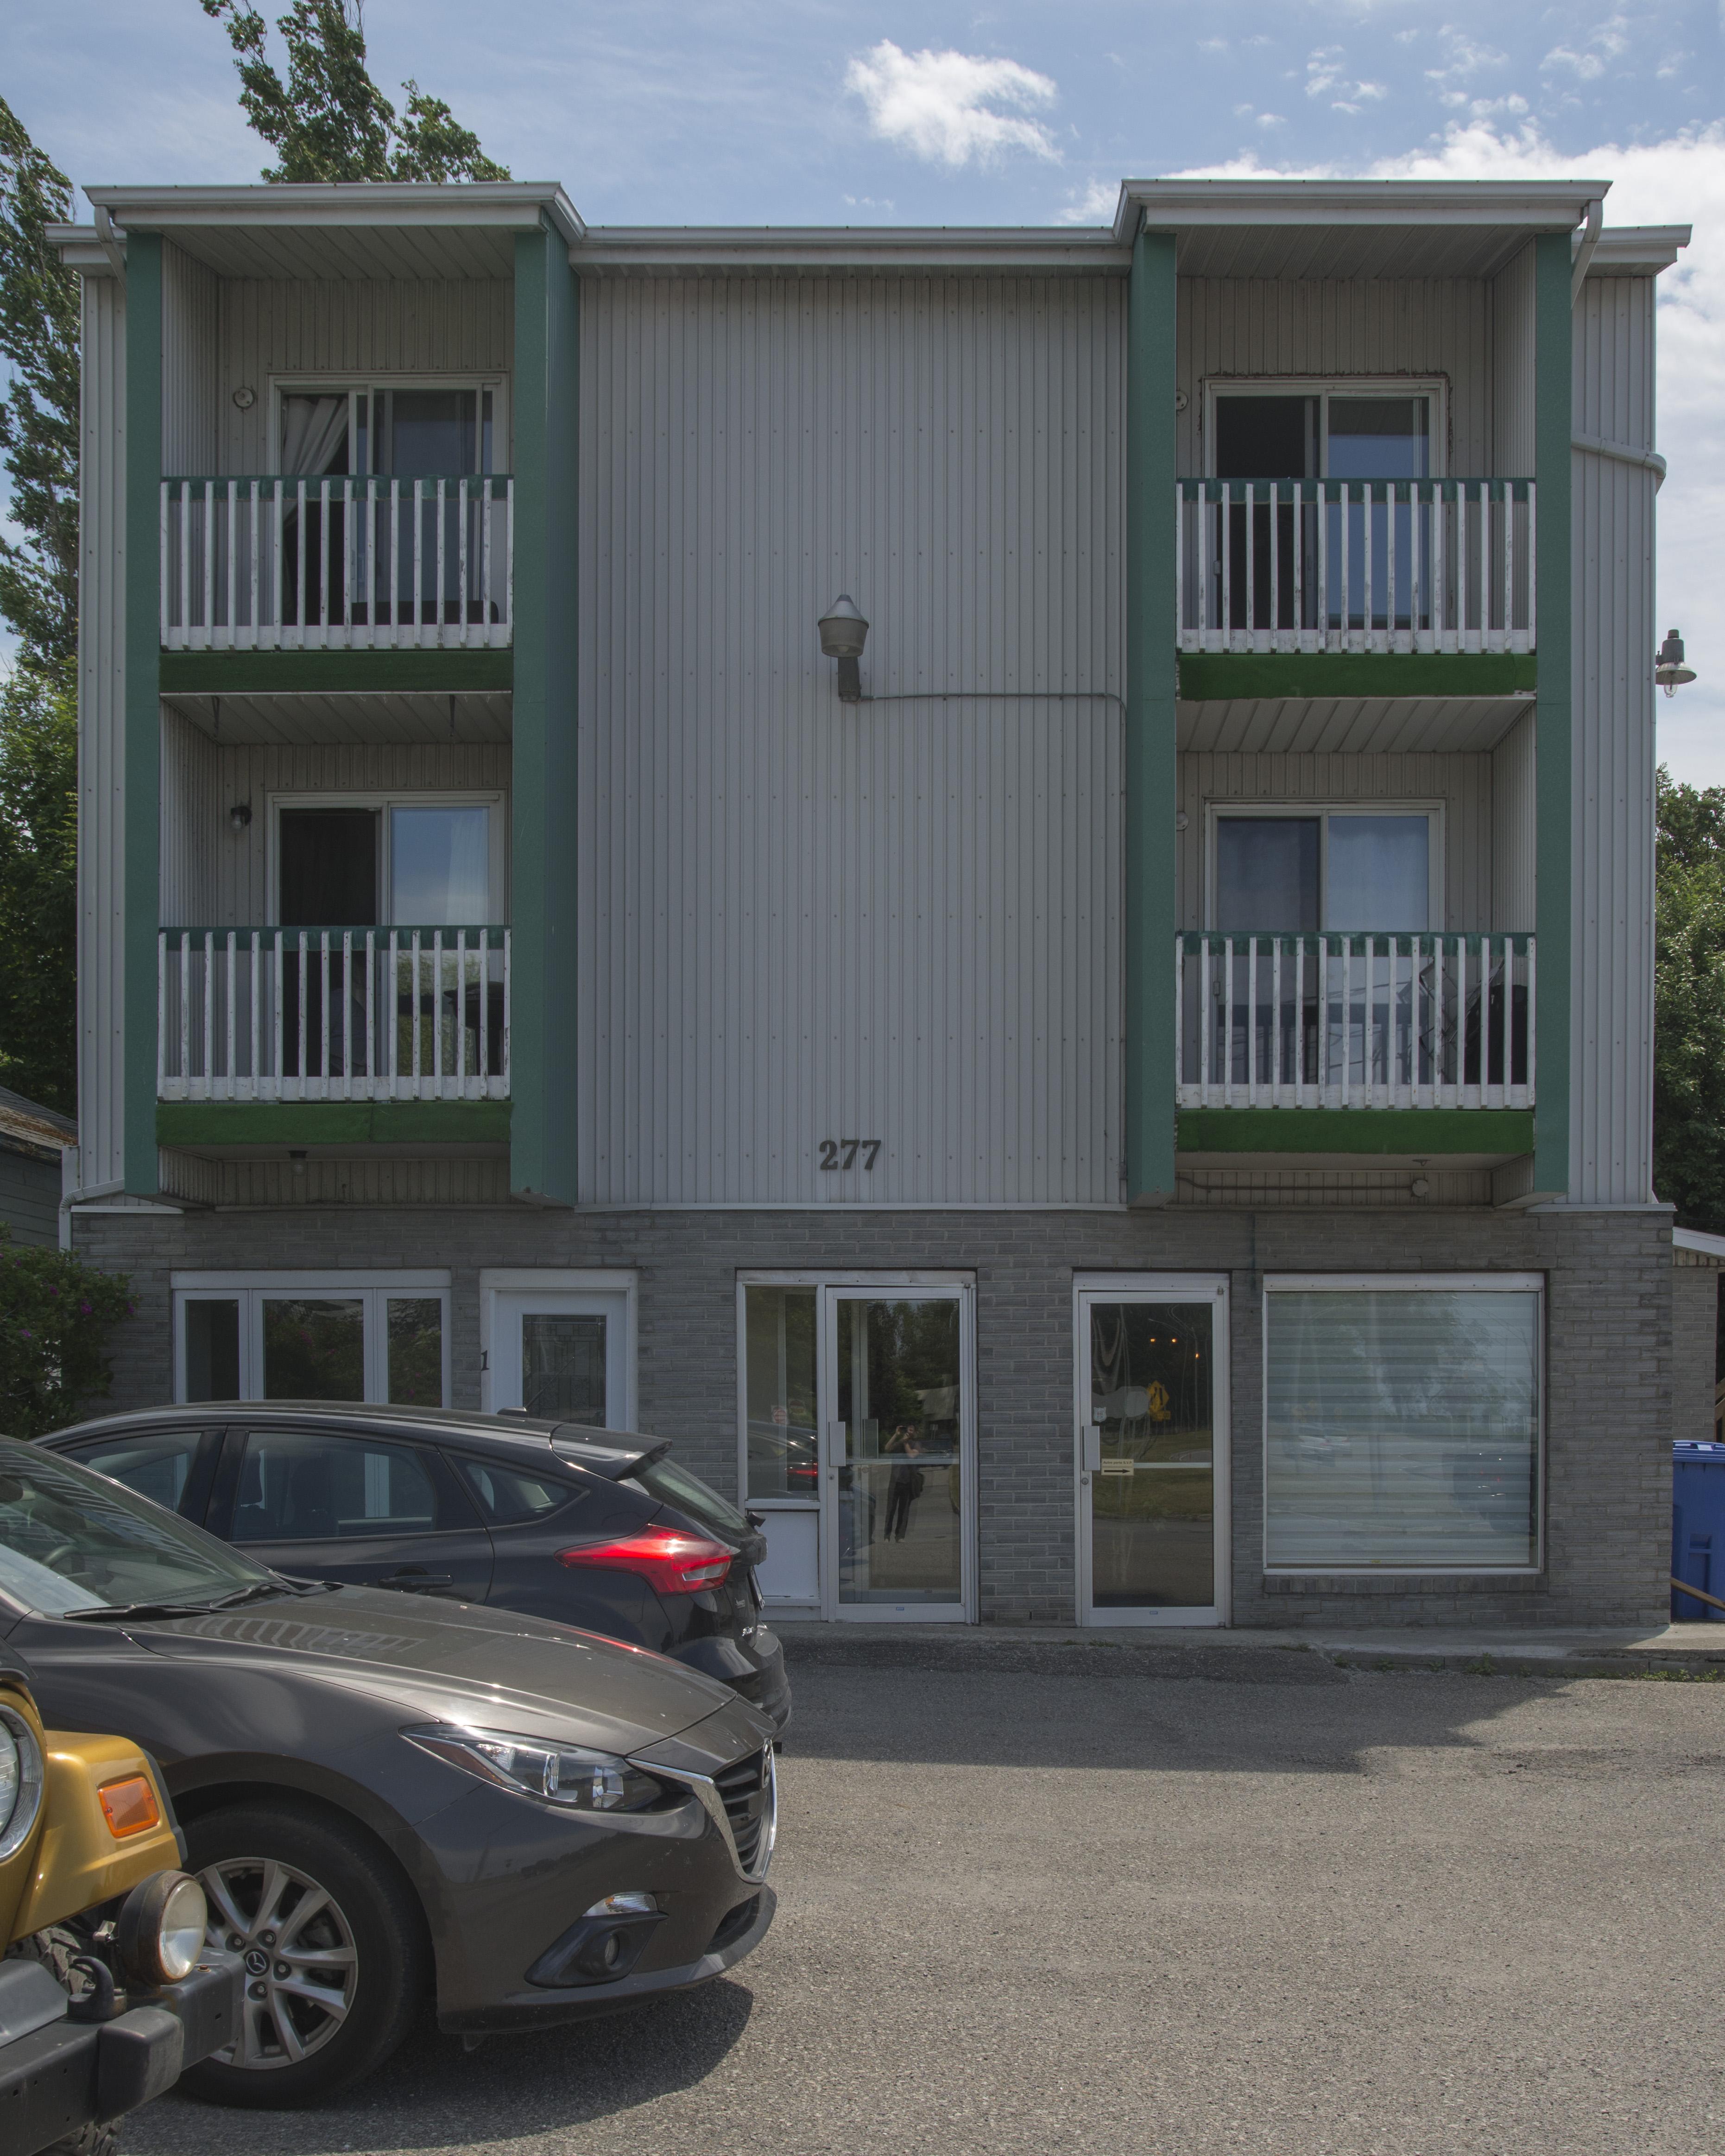 466 - 277, rue de l'Évêché Ouest